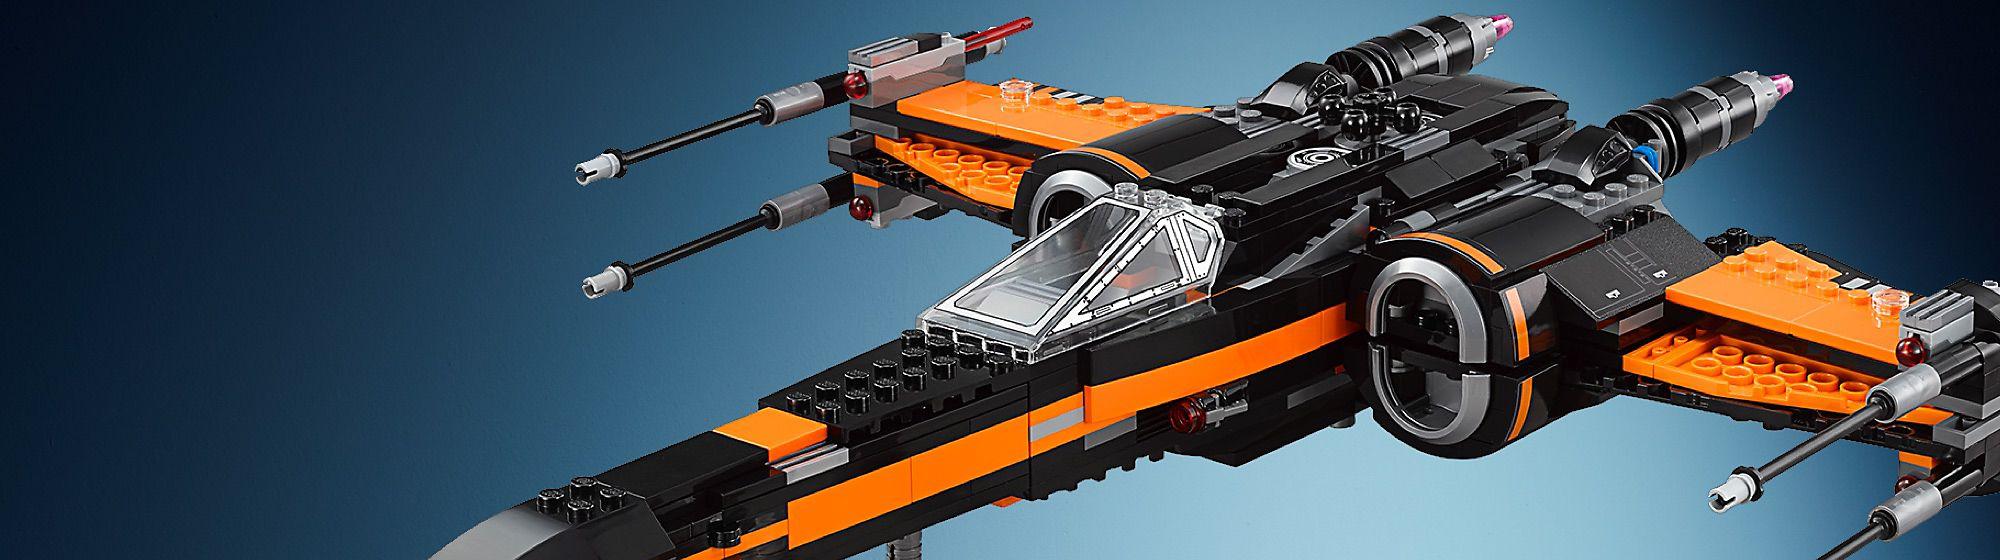 Star Wars Lego  SCOPRI DI PIÙ